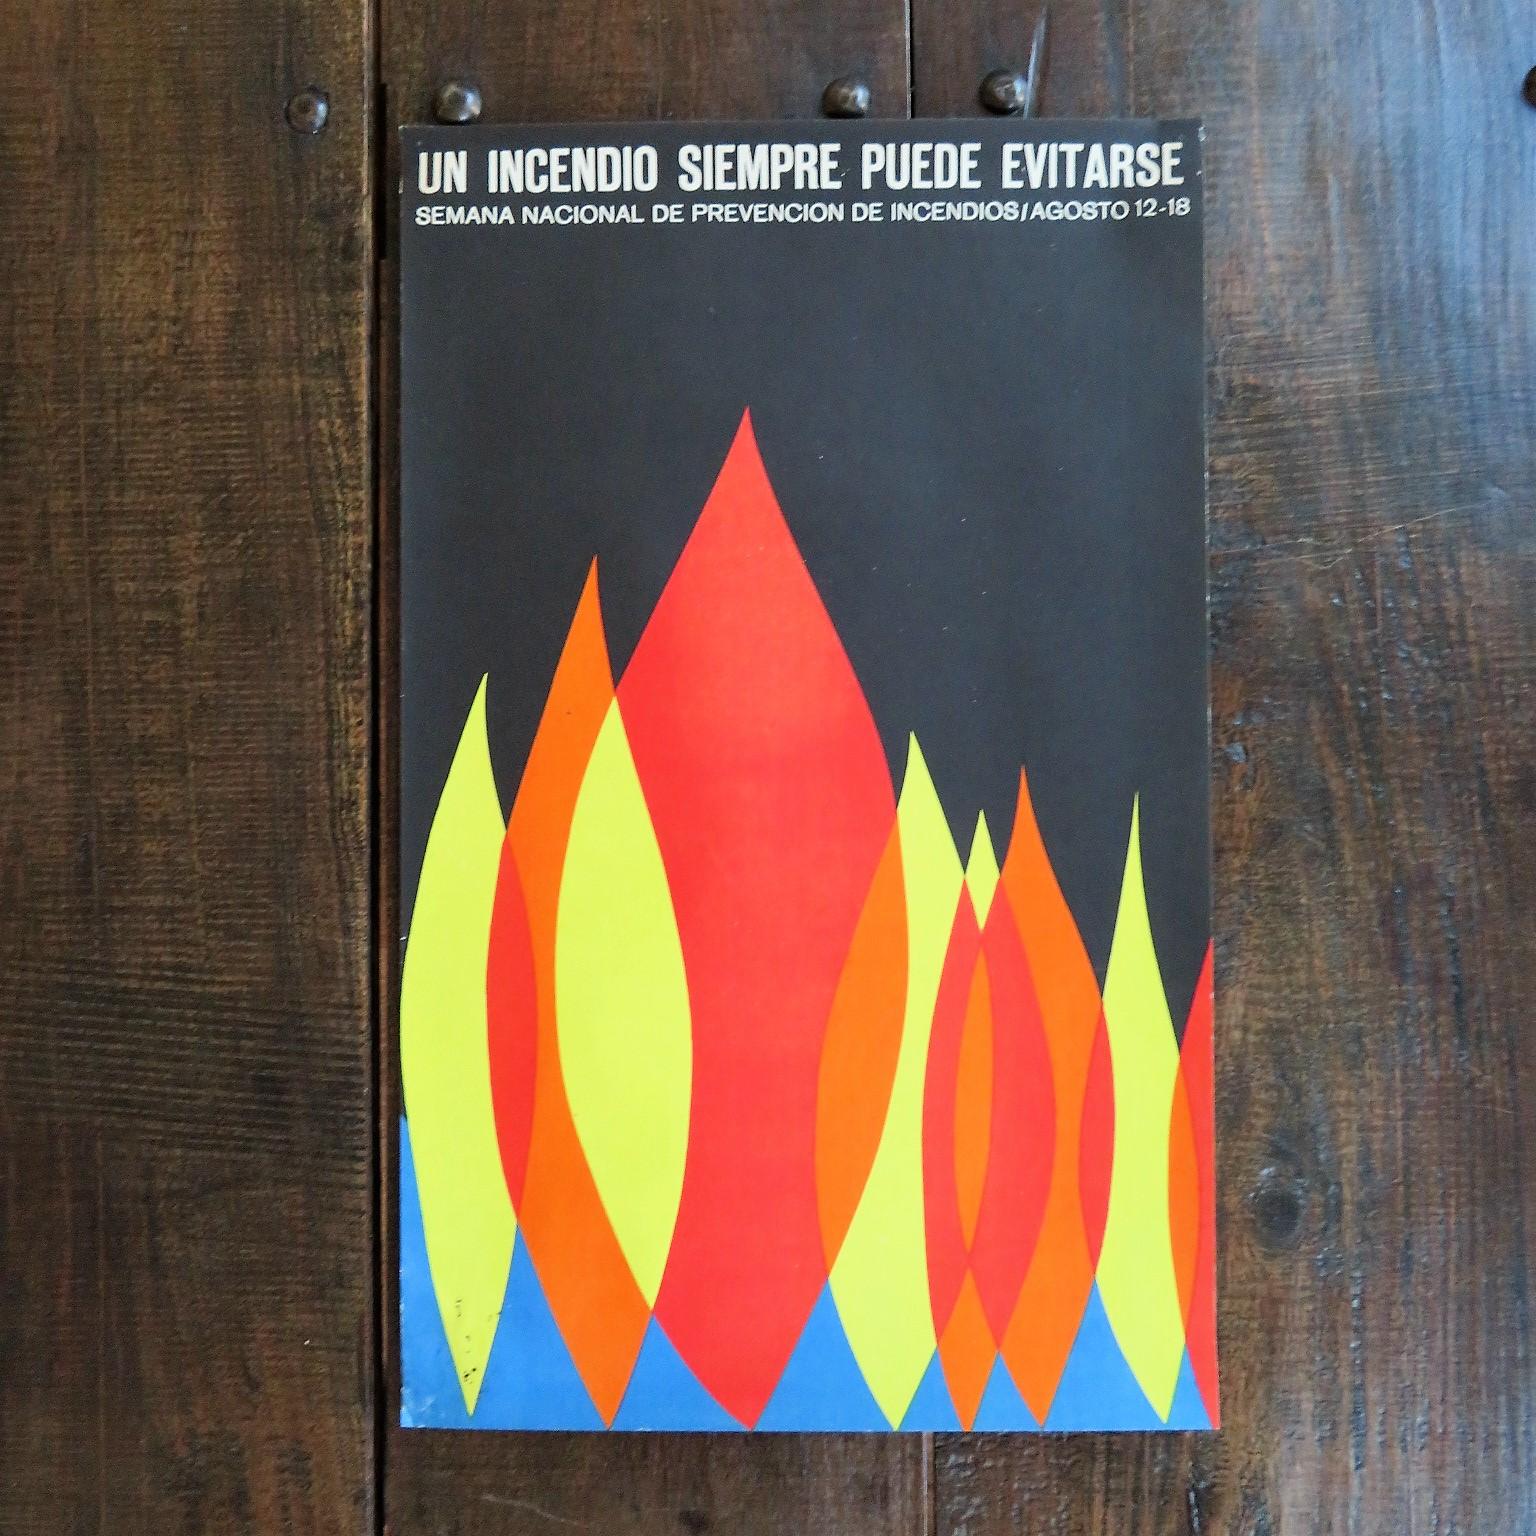 poster-un-incendio-siempre-puede-evitarse